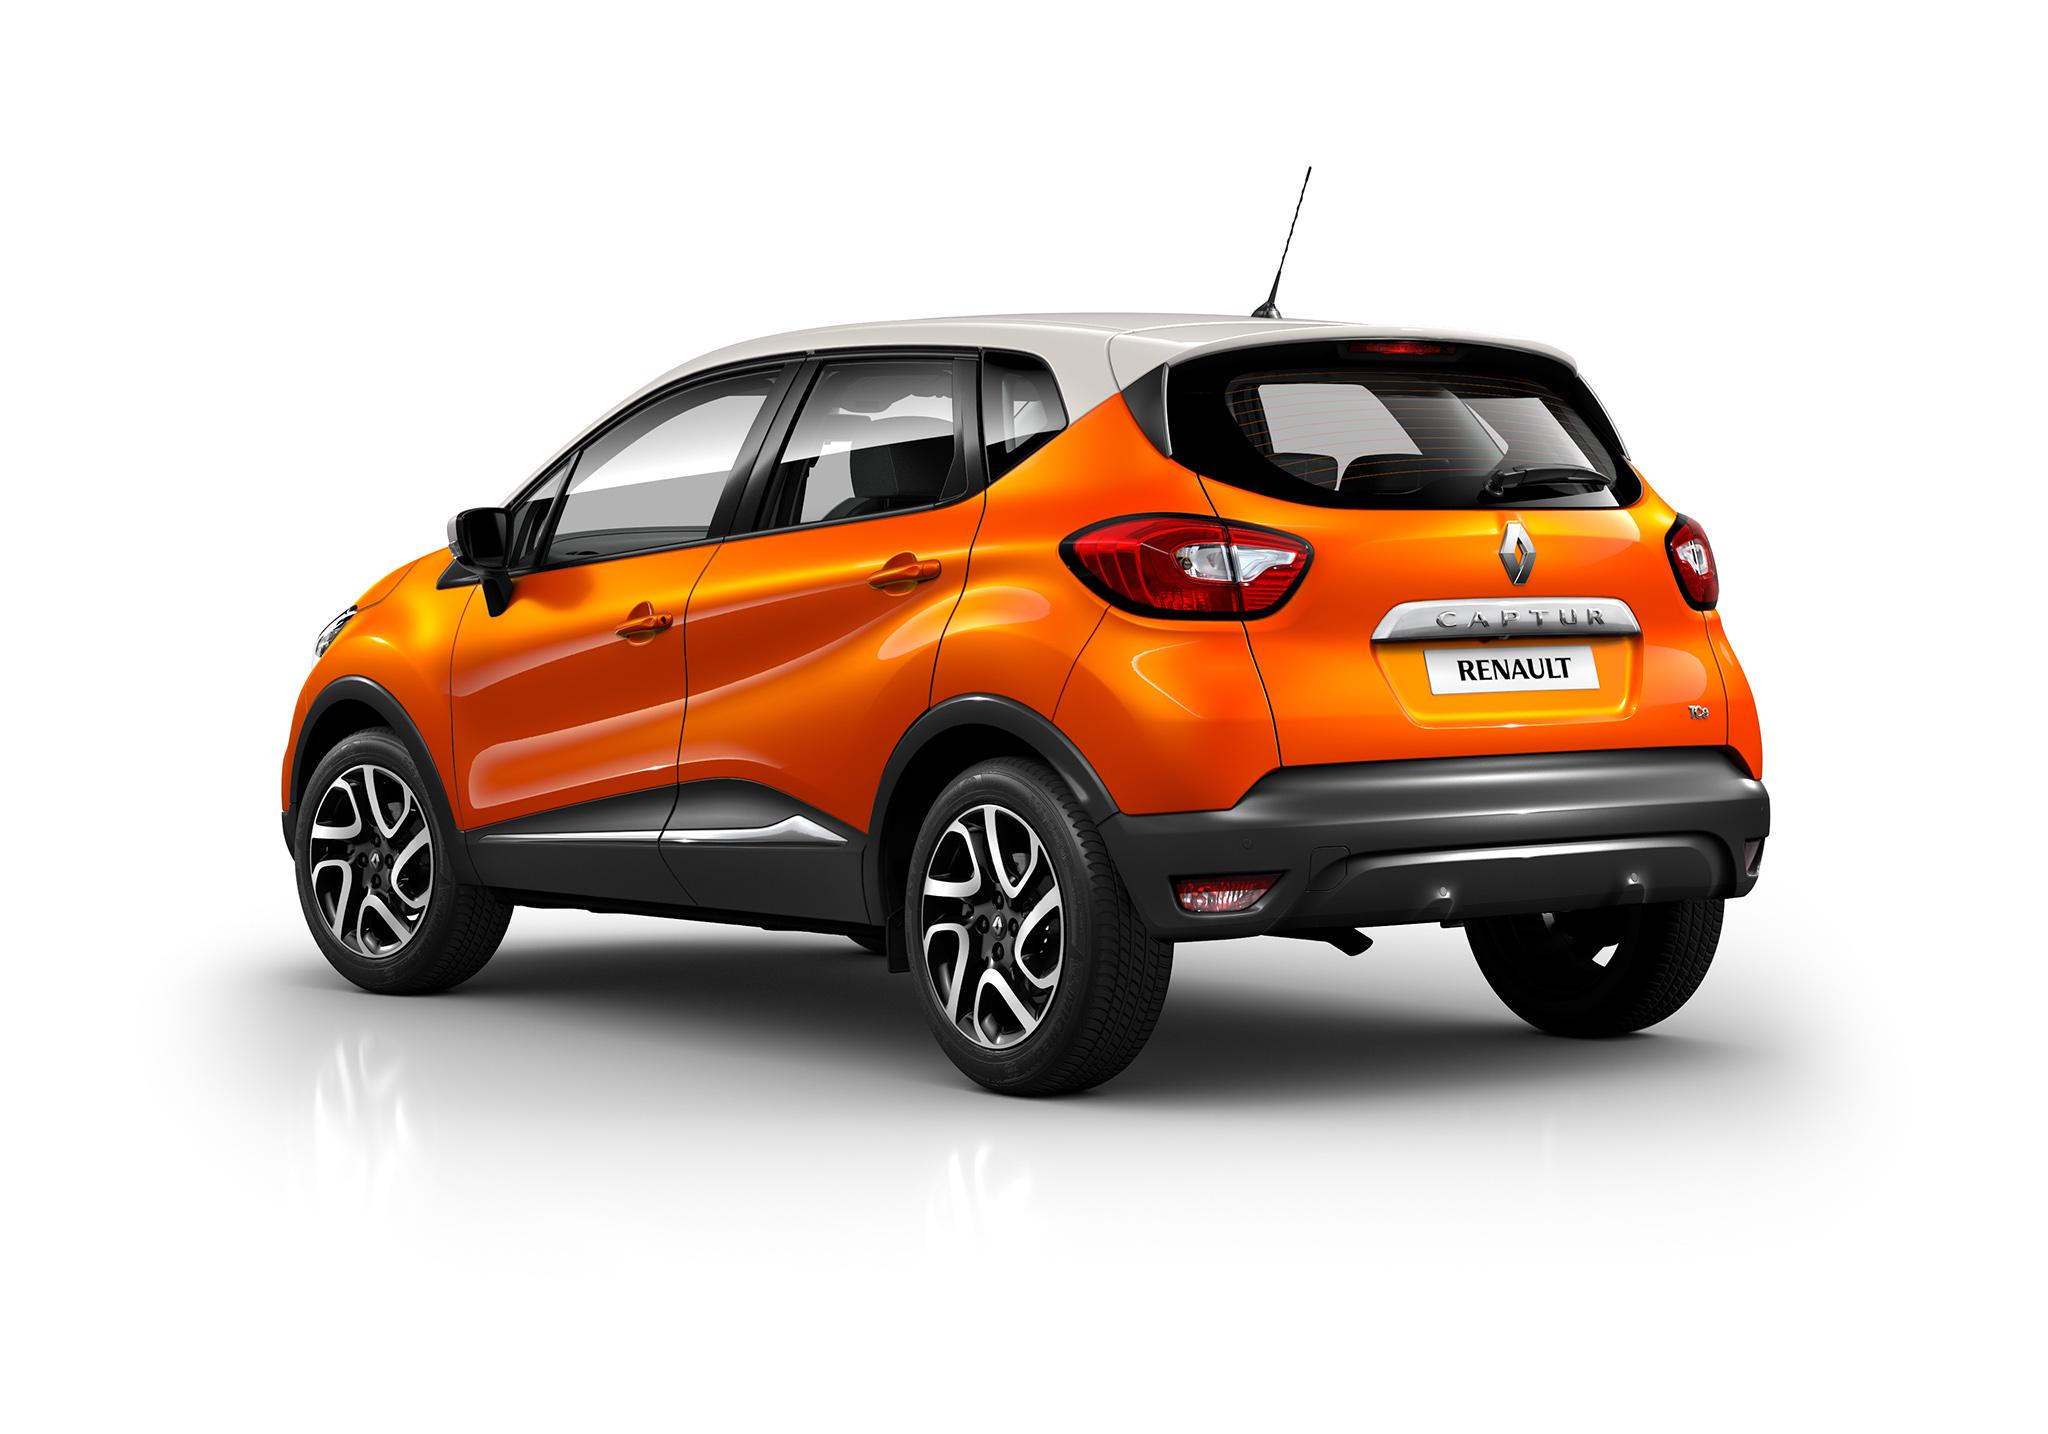 Renault Captur - CGI